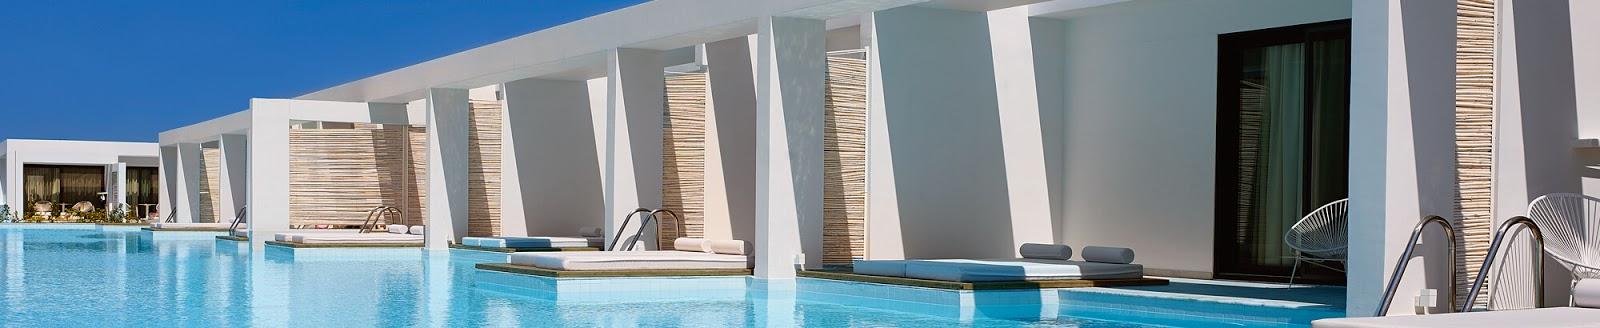 xenia-build-hotel